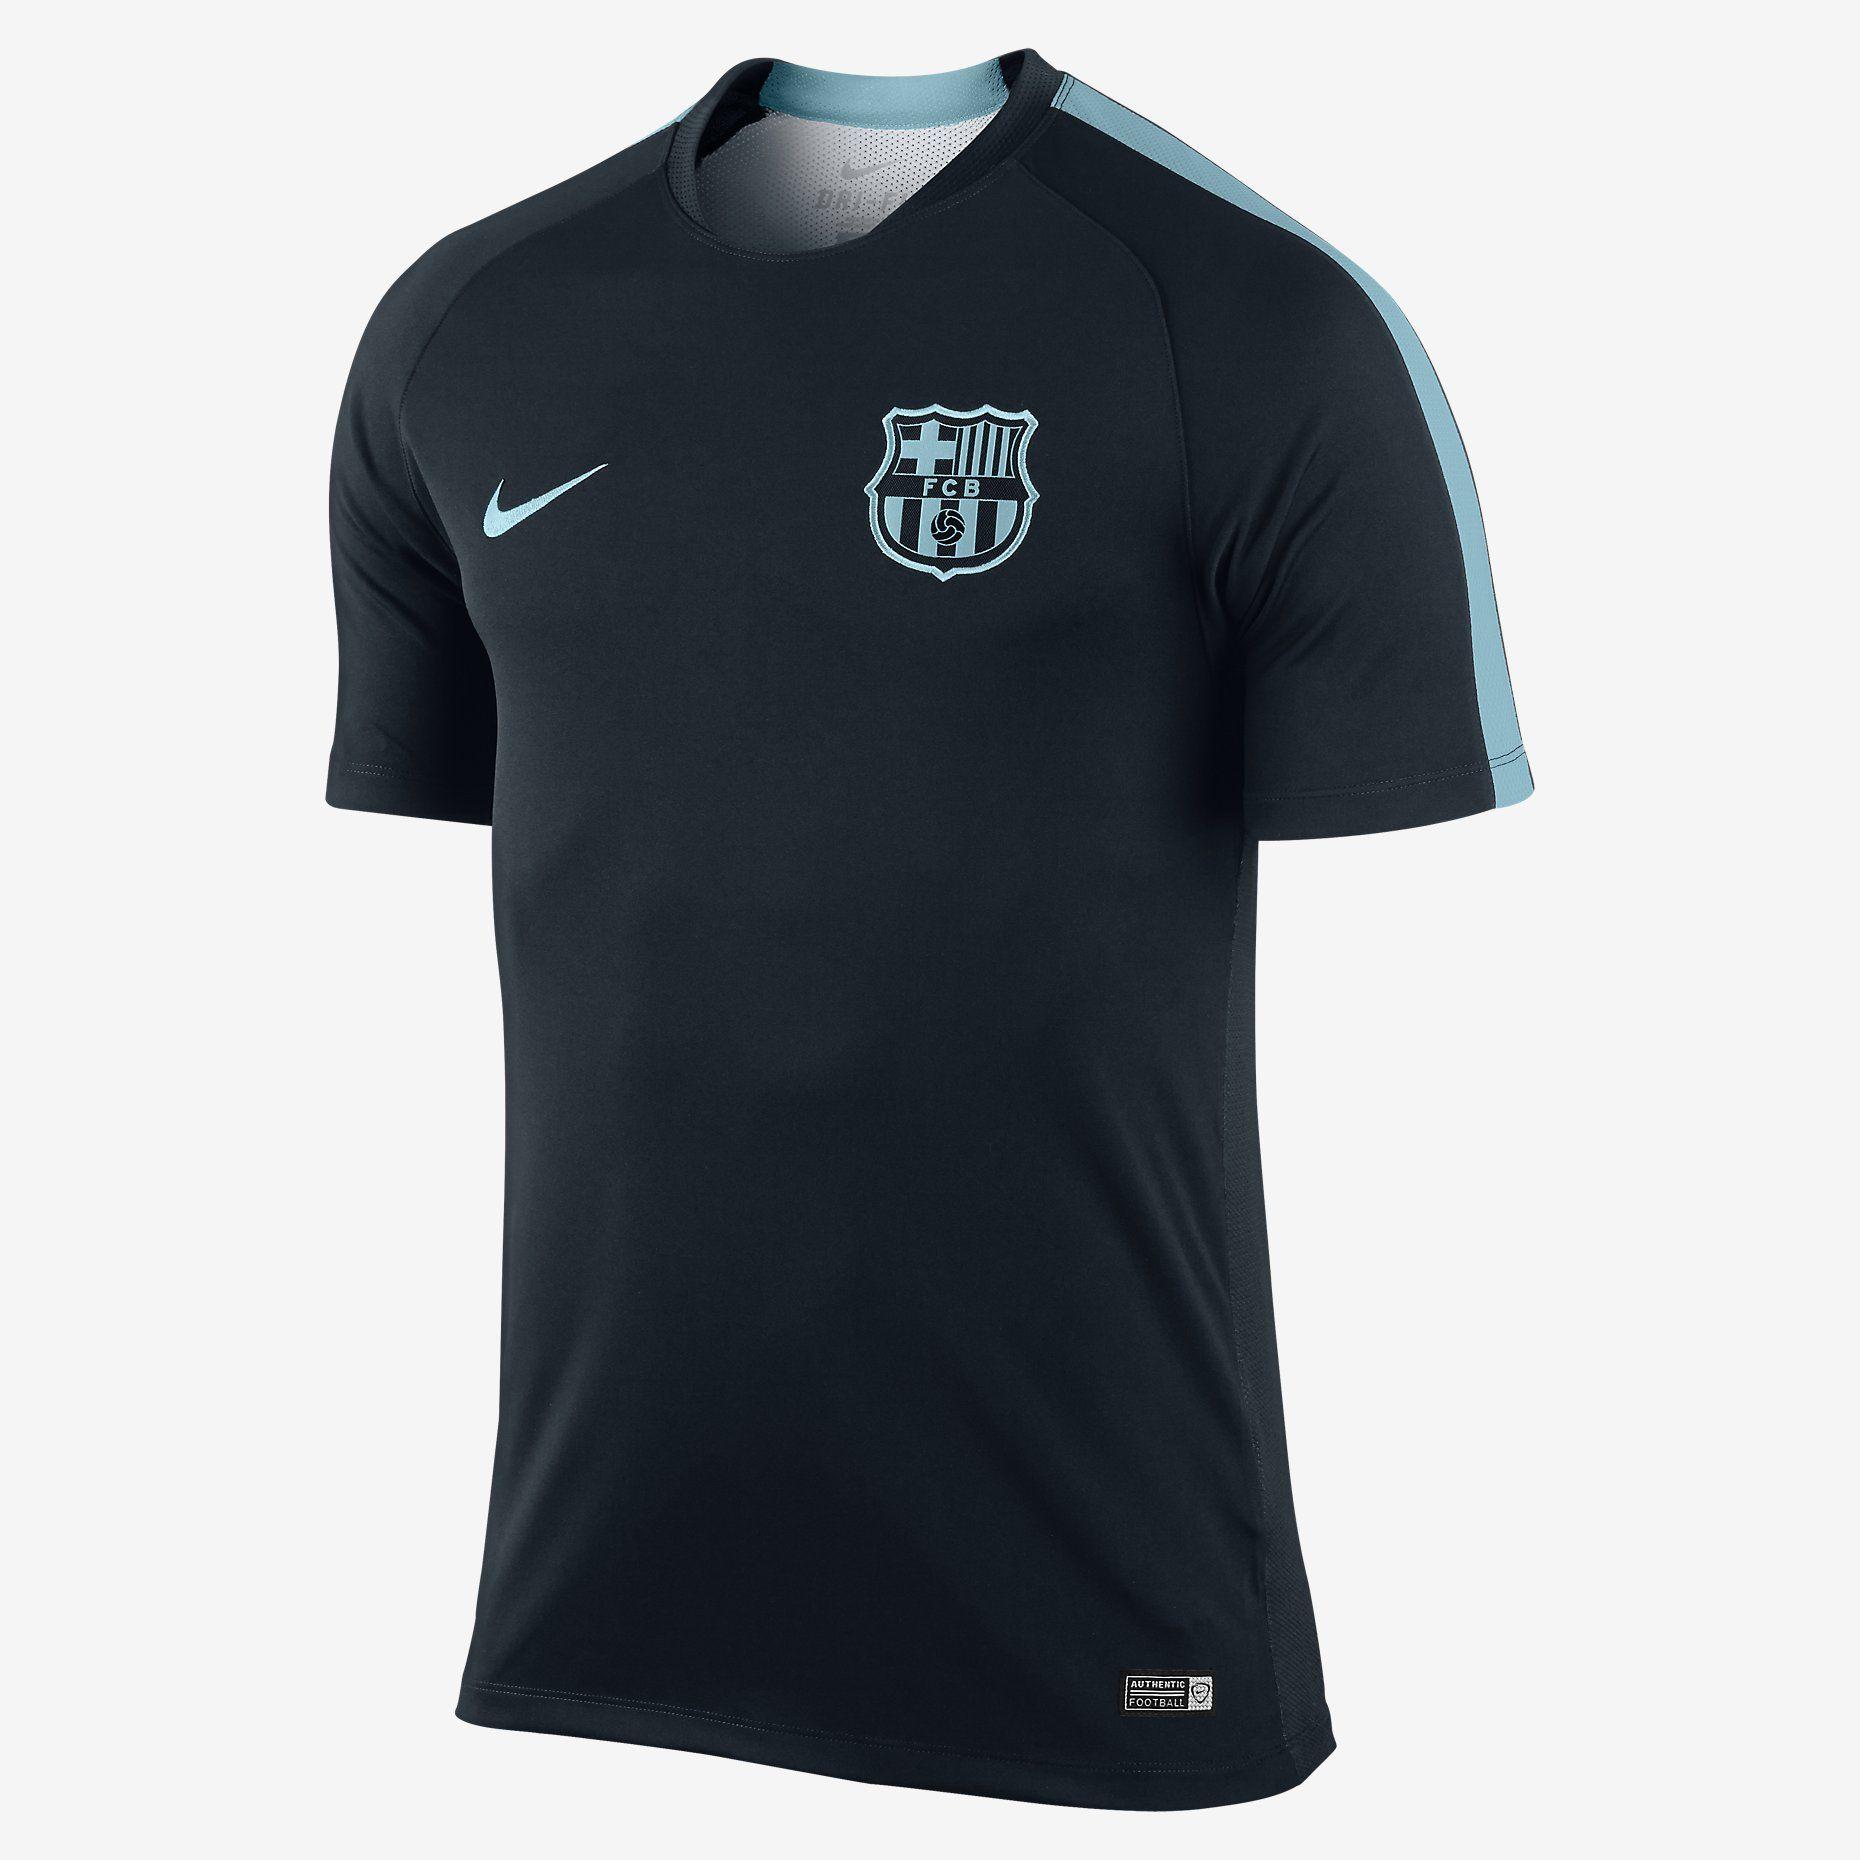 32ca6bd67cb7e FC Barcelona Pre-Match 2 Camiseta de fútbol - Hombre. Nike.com (ES ...